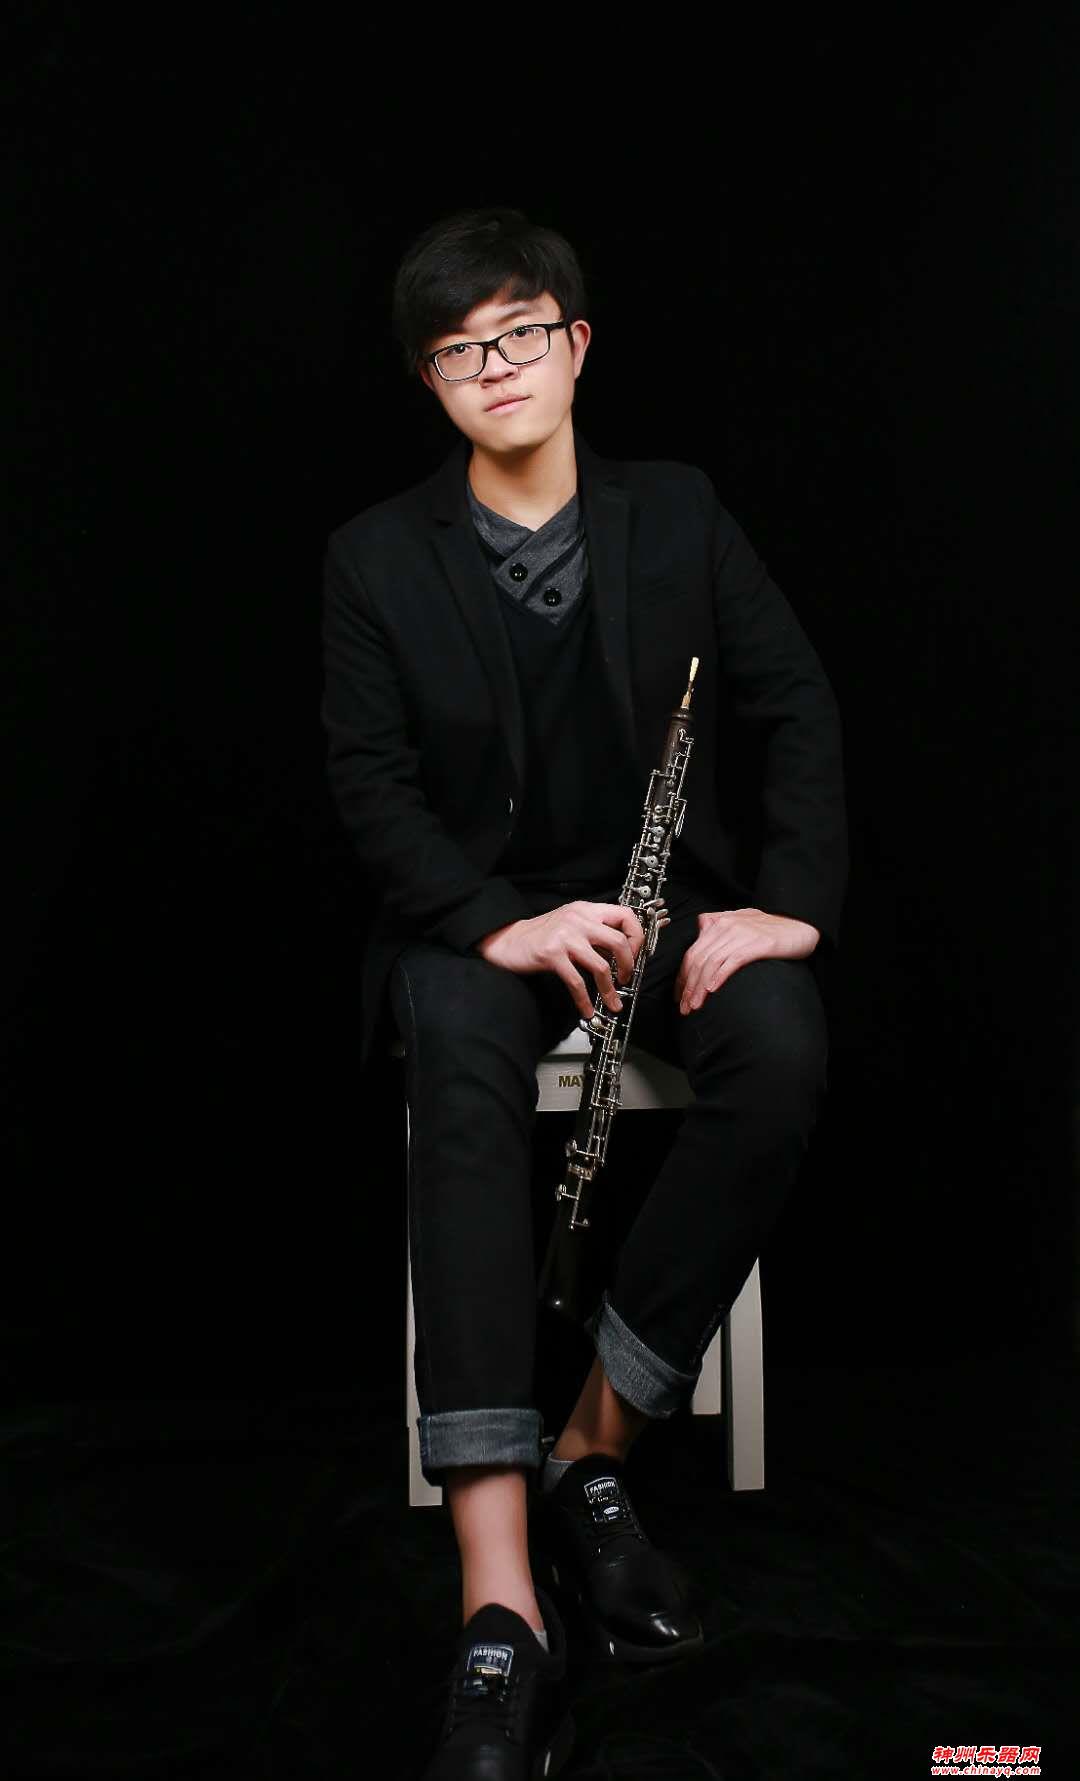 留德青岛籍音乐学子王修宝获邀代言瓜奈里国际音乐节